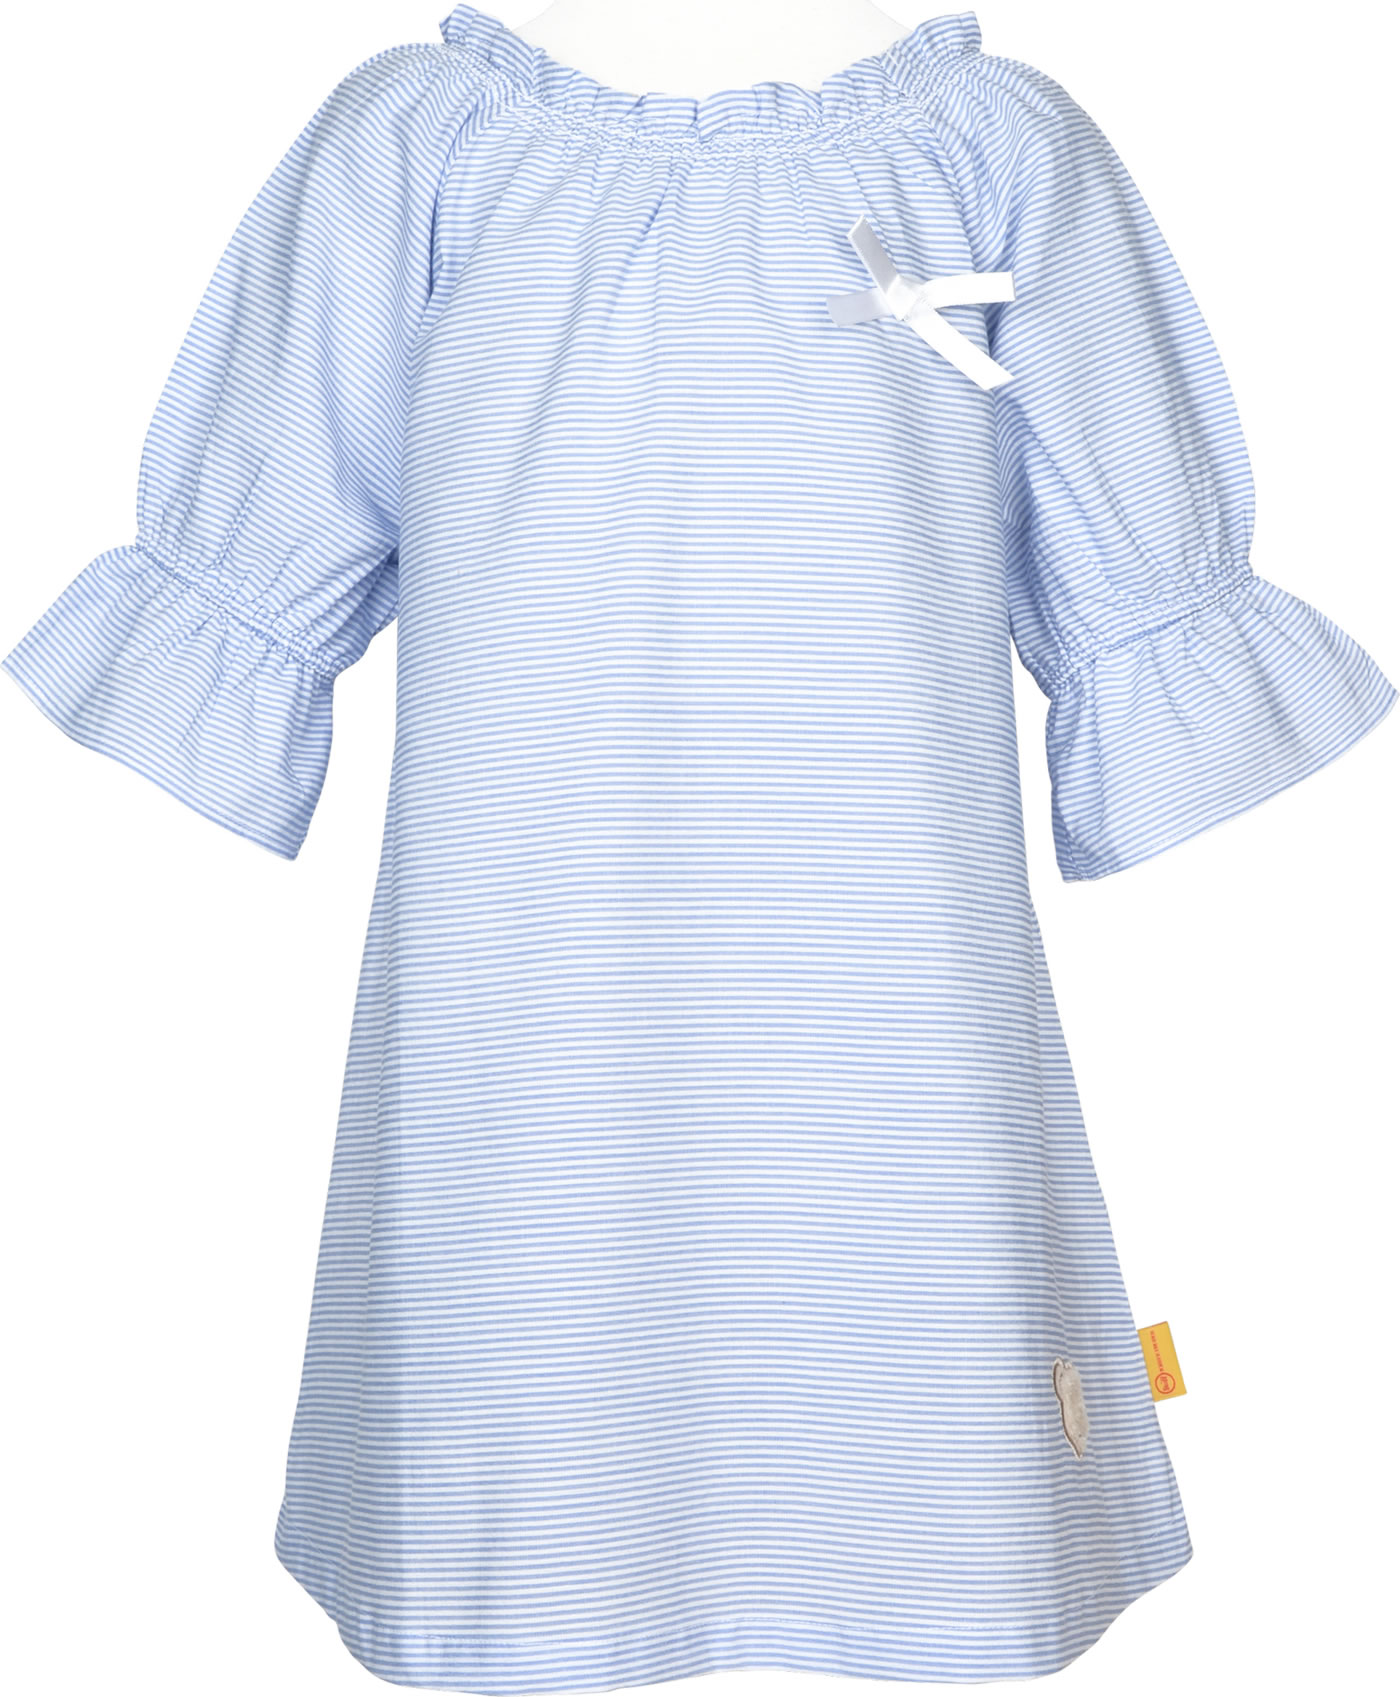 Steiff Kleid Halbarm SWEET CHERRY forever blue 11-11